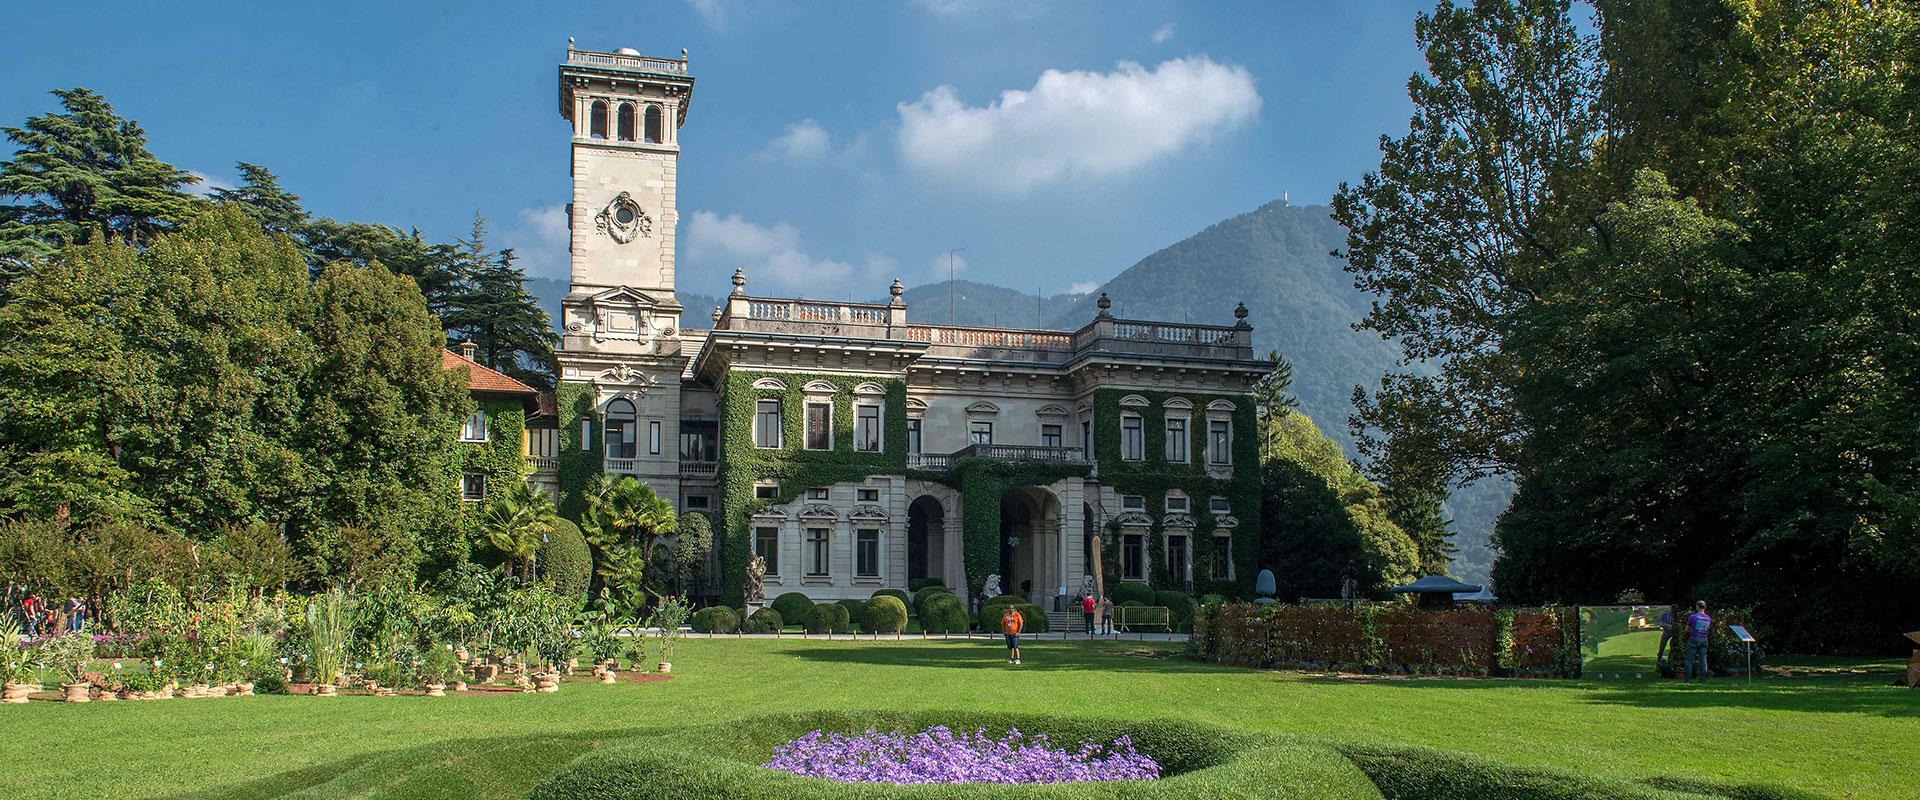 Villa Erba Cernobbio Eventi